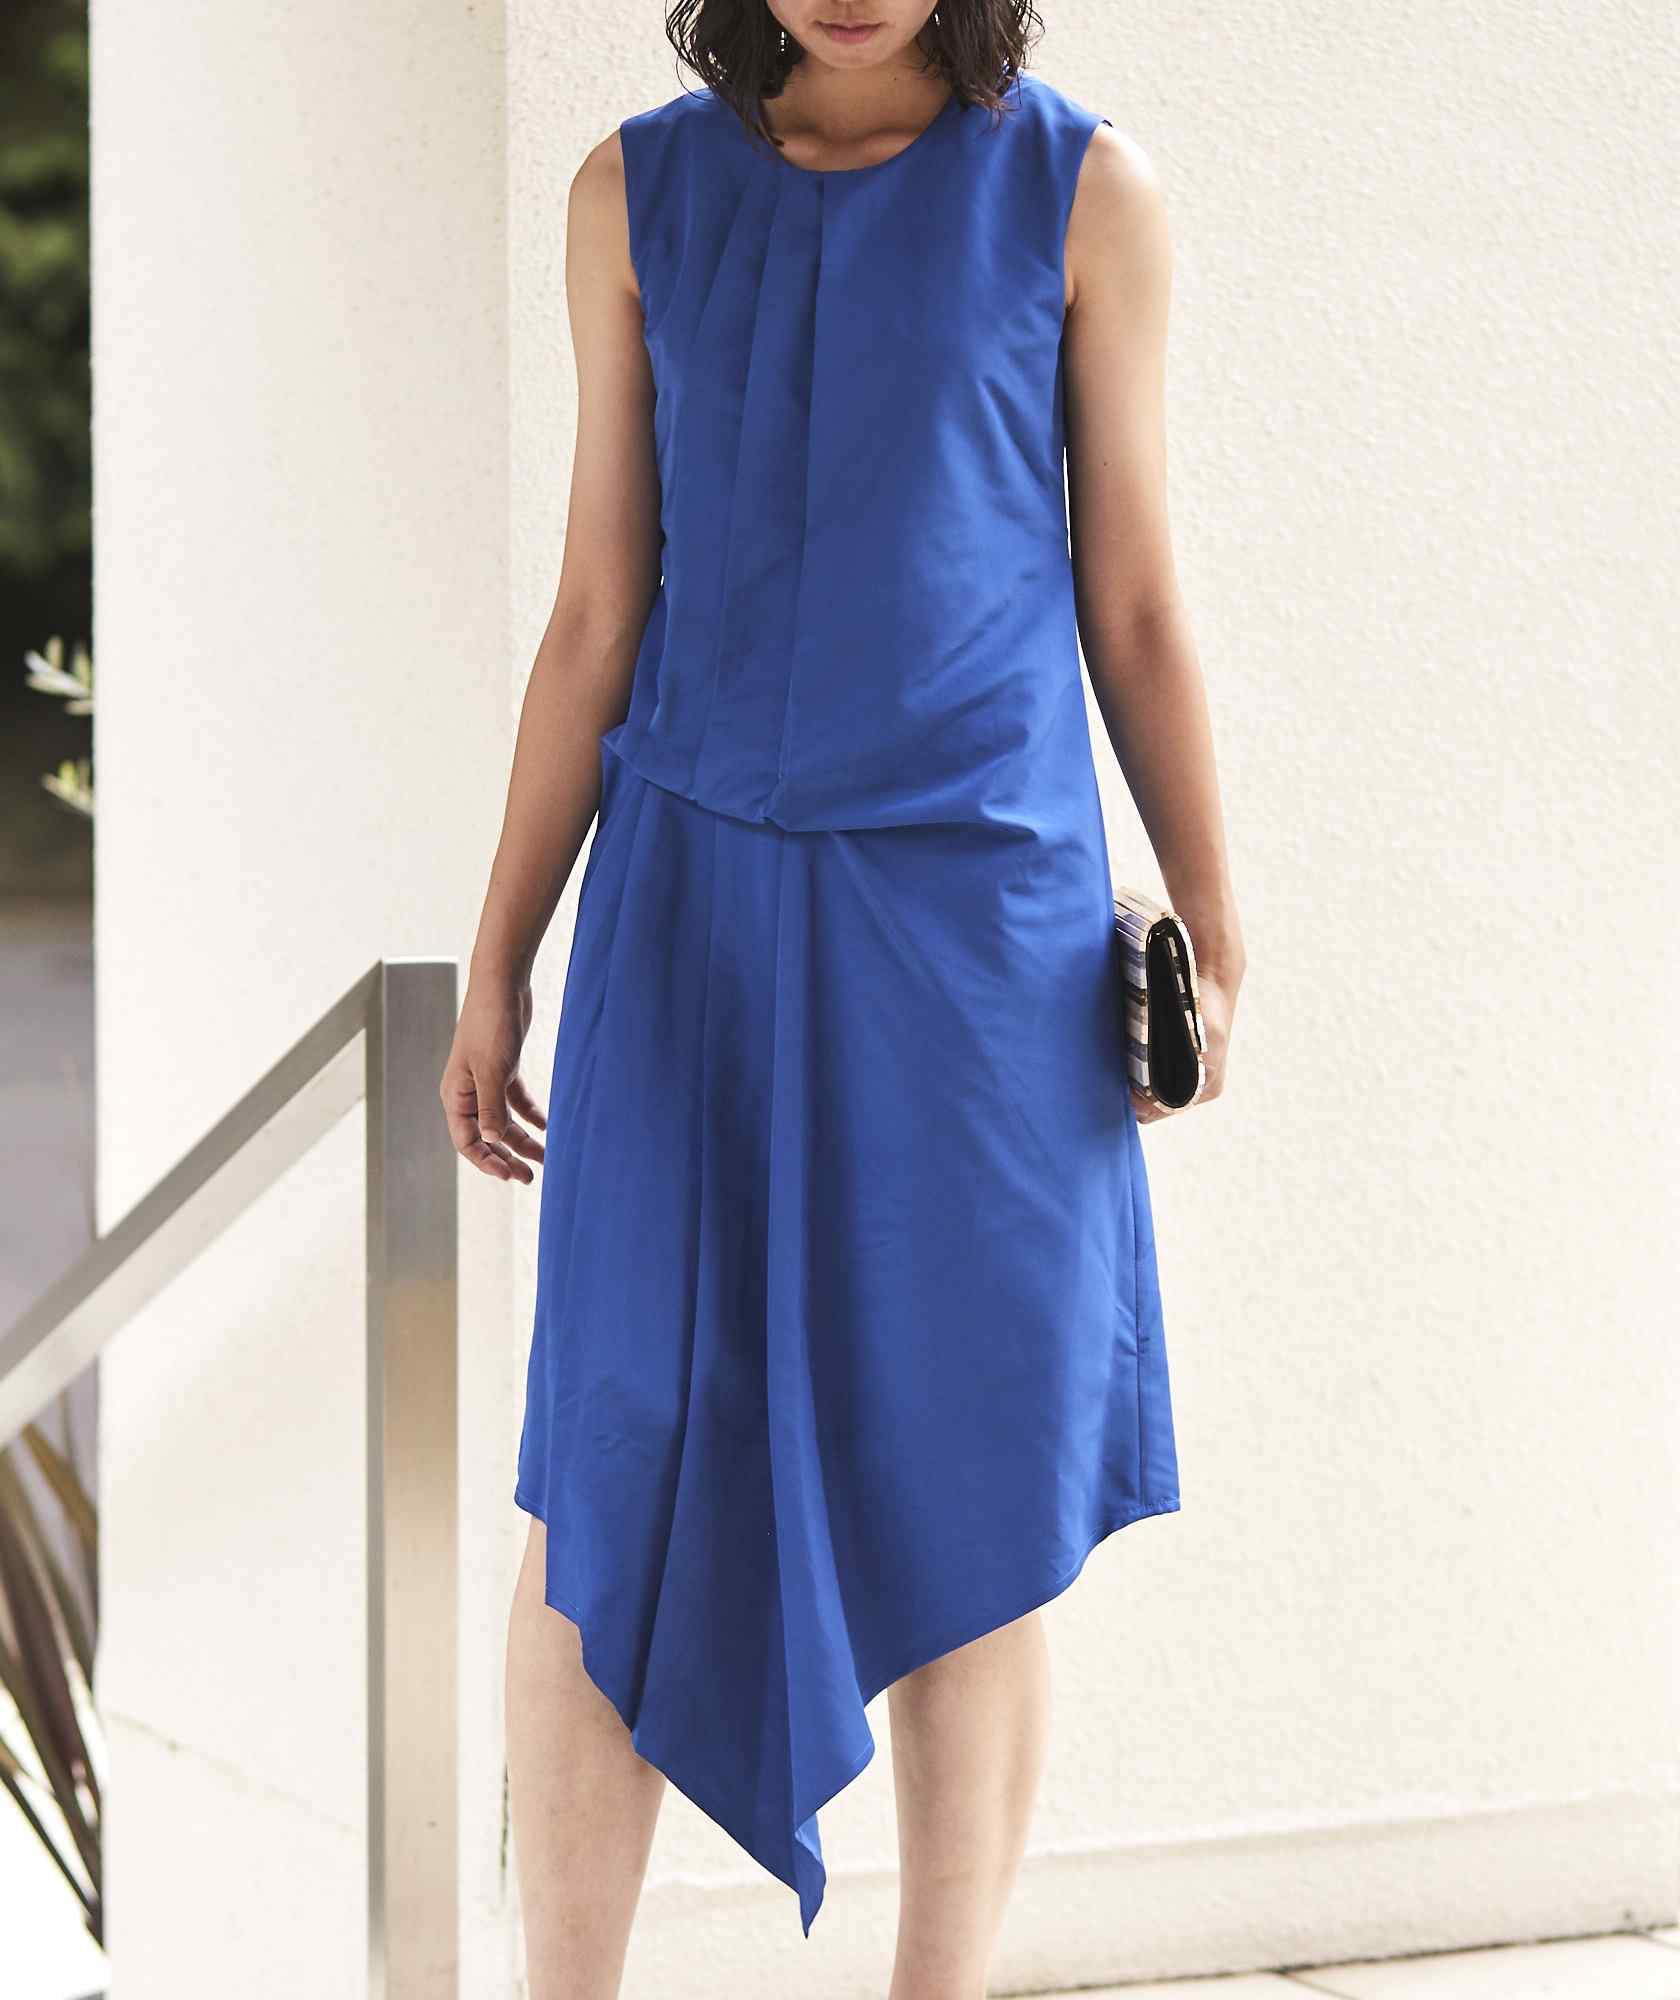 クルーネックデザイントップOGAラインミディアムドレス-ブルー-M